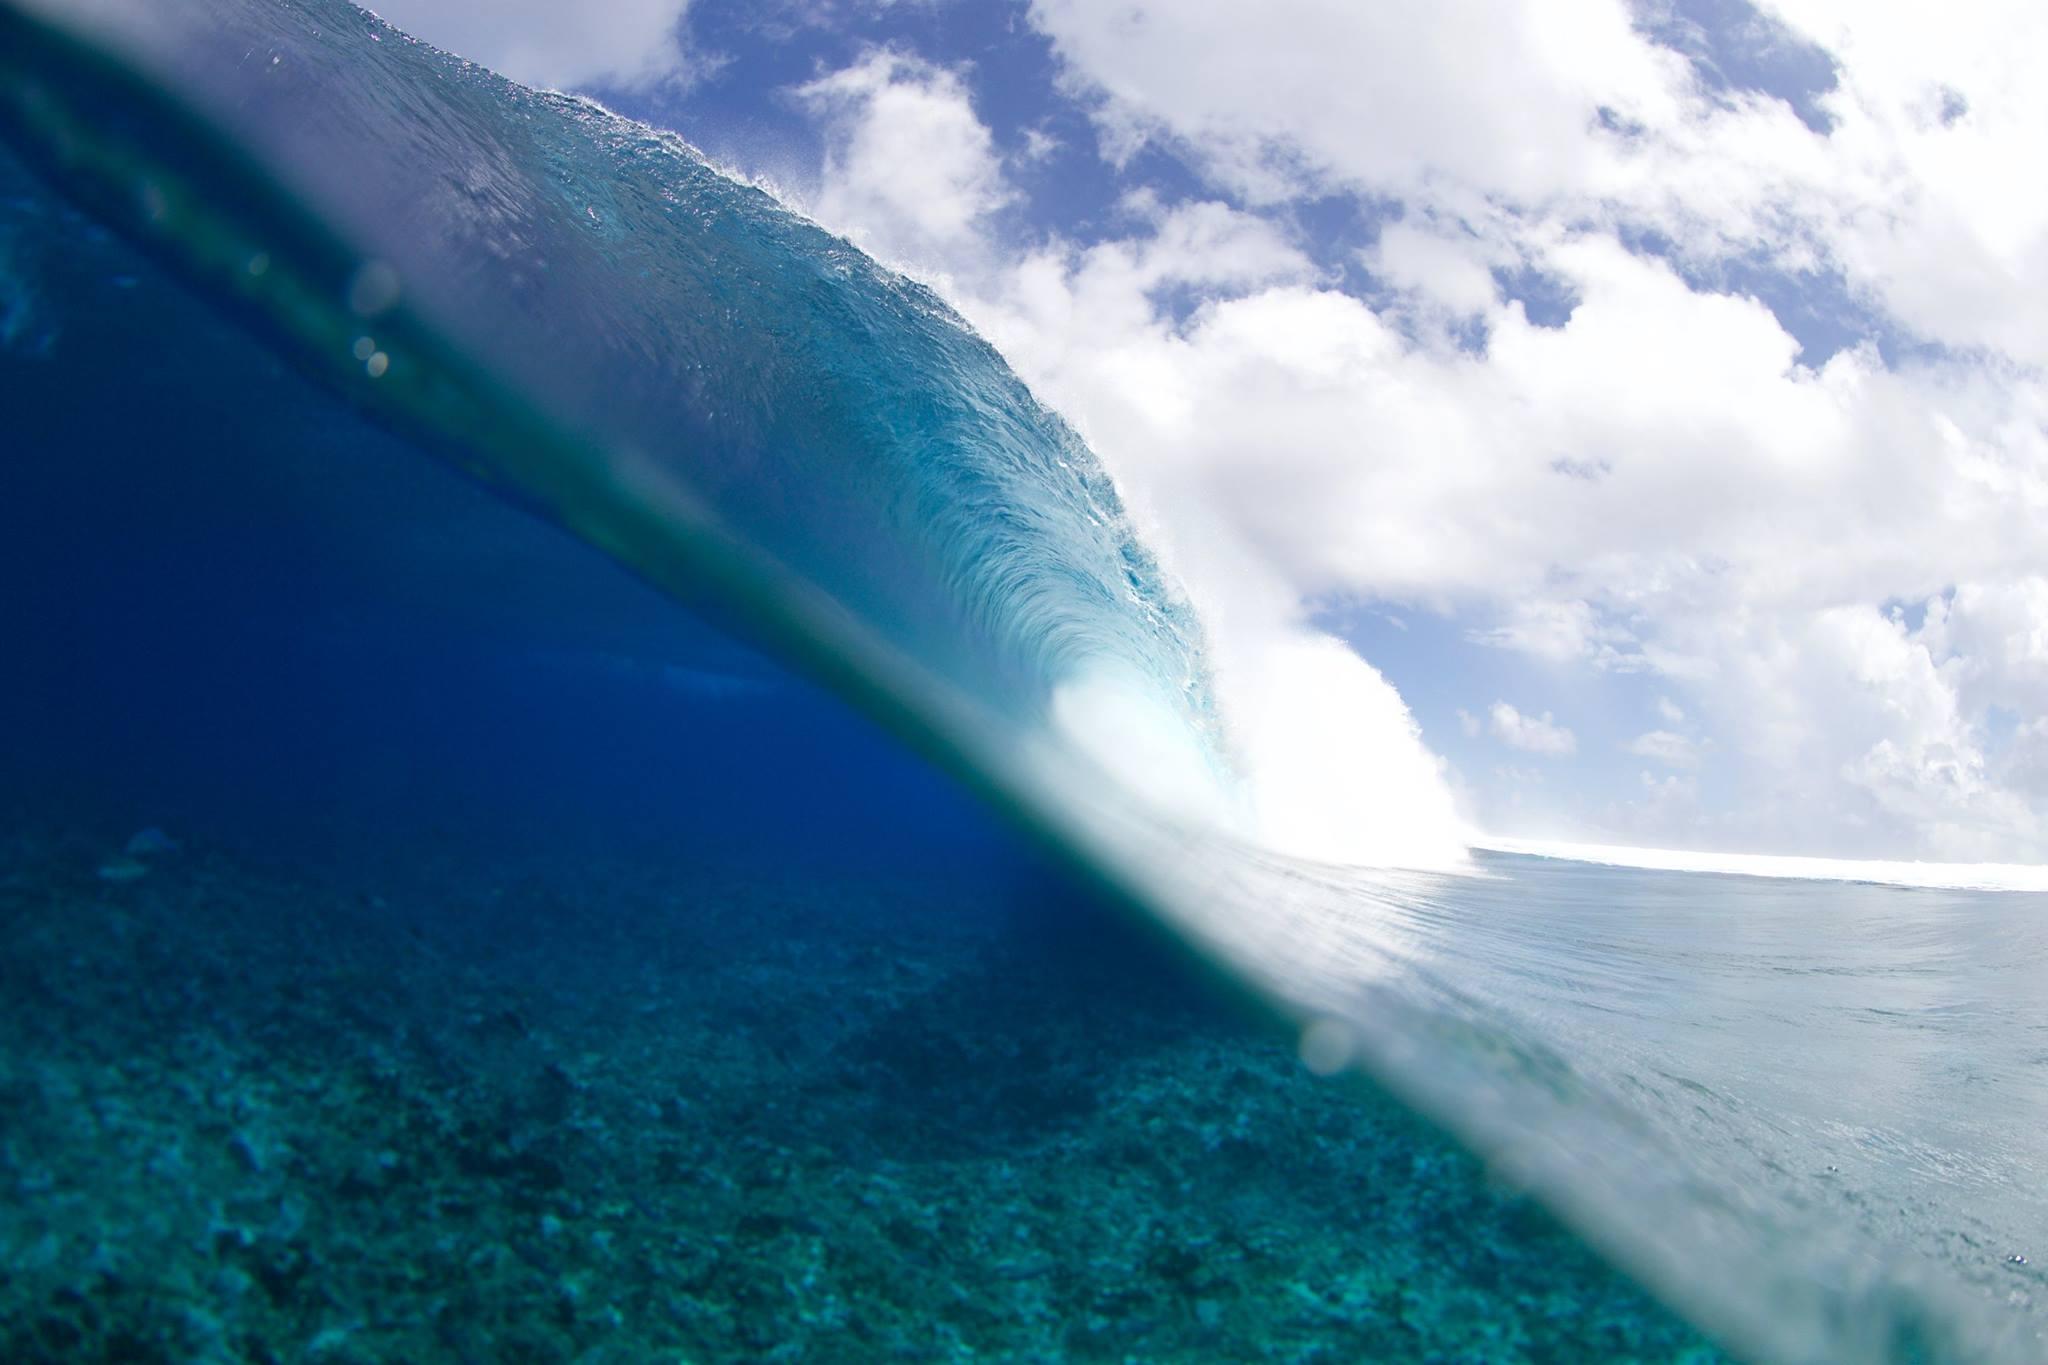 Surf's Up ポンペイ  サーフトリップ&波予測 2月中旬